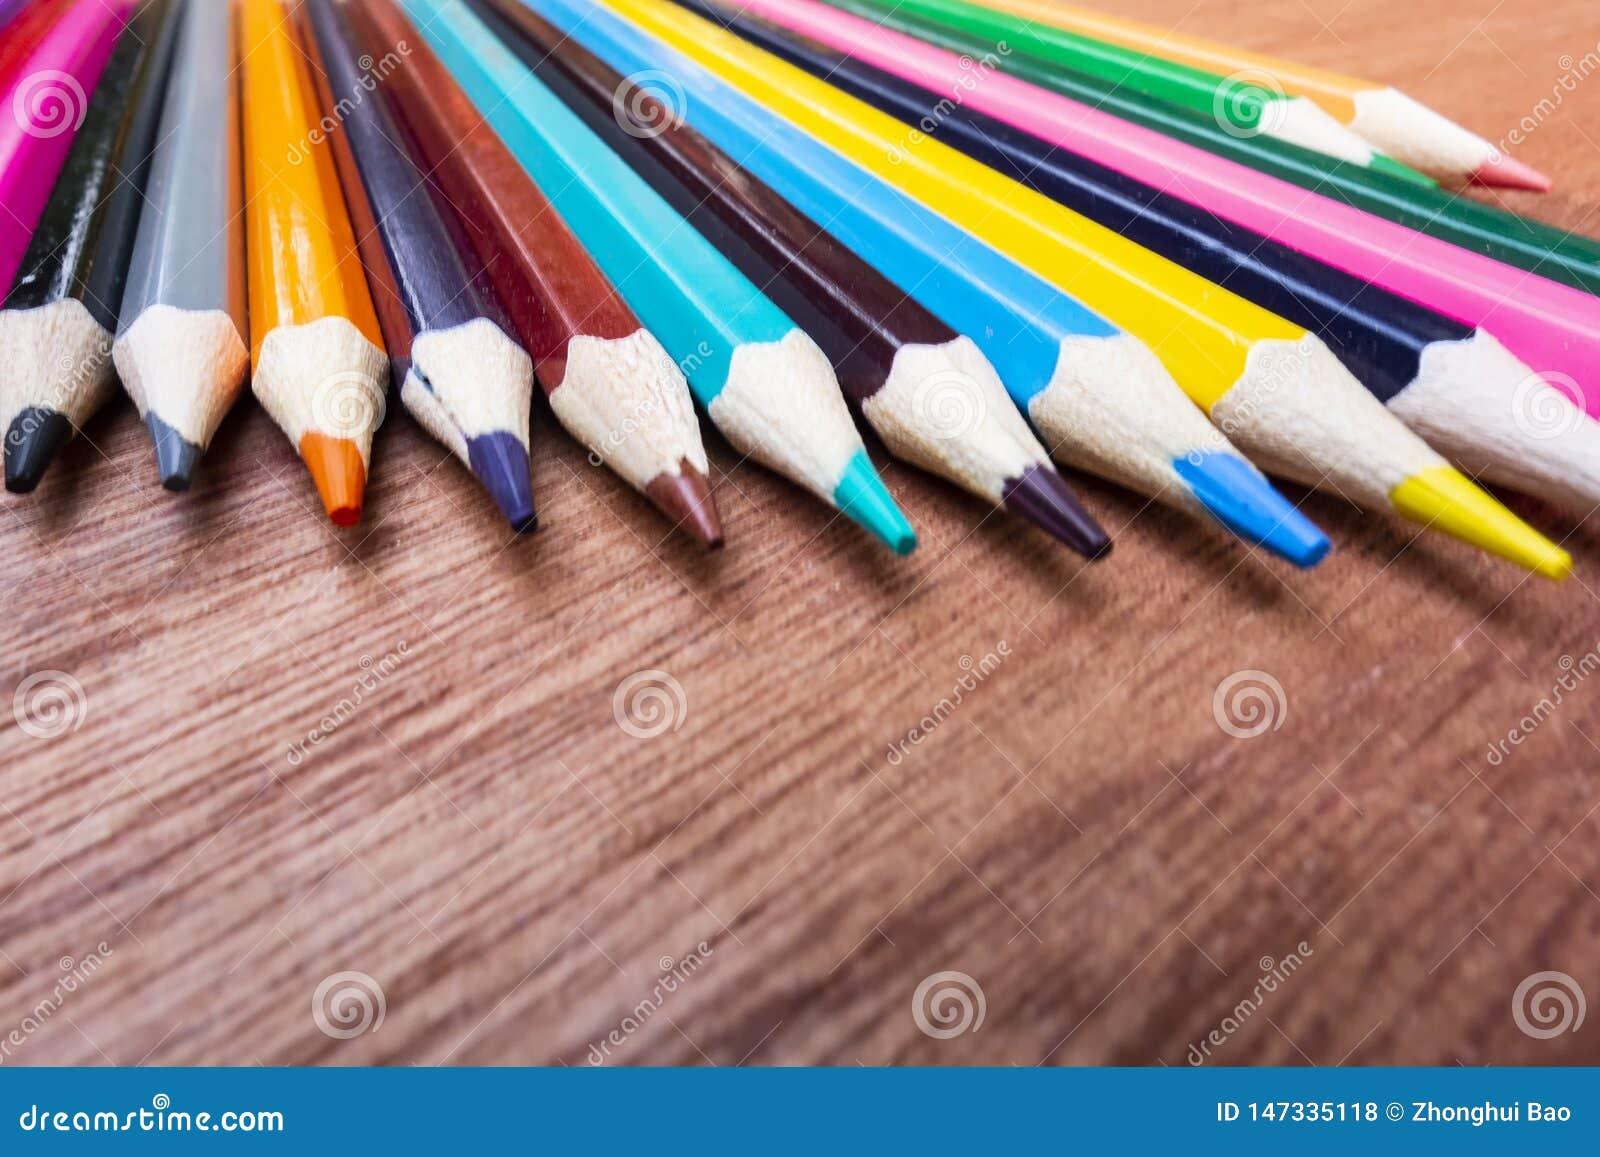 Χρωματισμένα μολύβια που τακτοποιούνται τακτοποιημένα